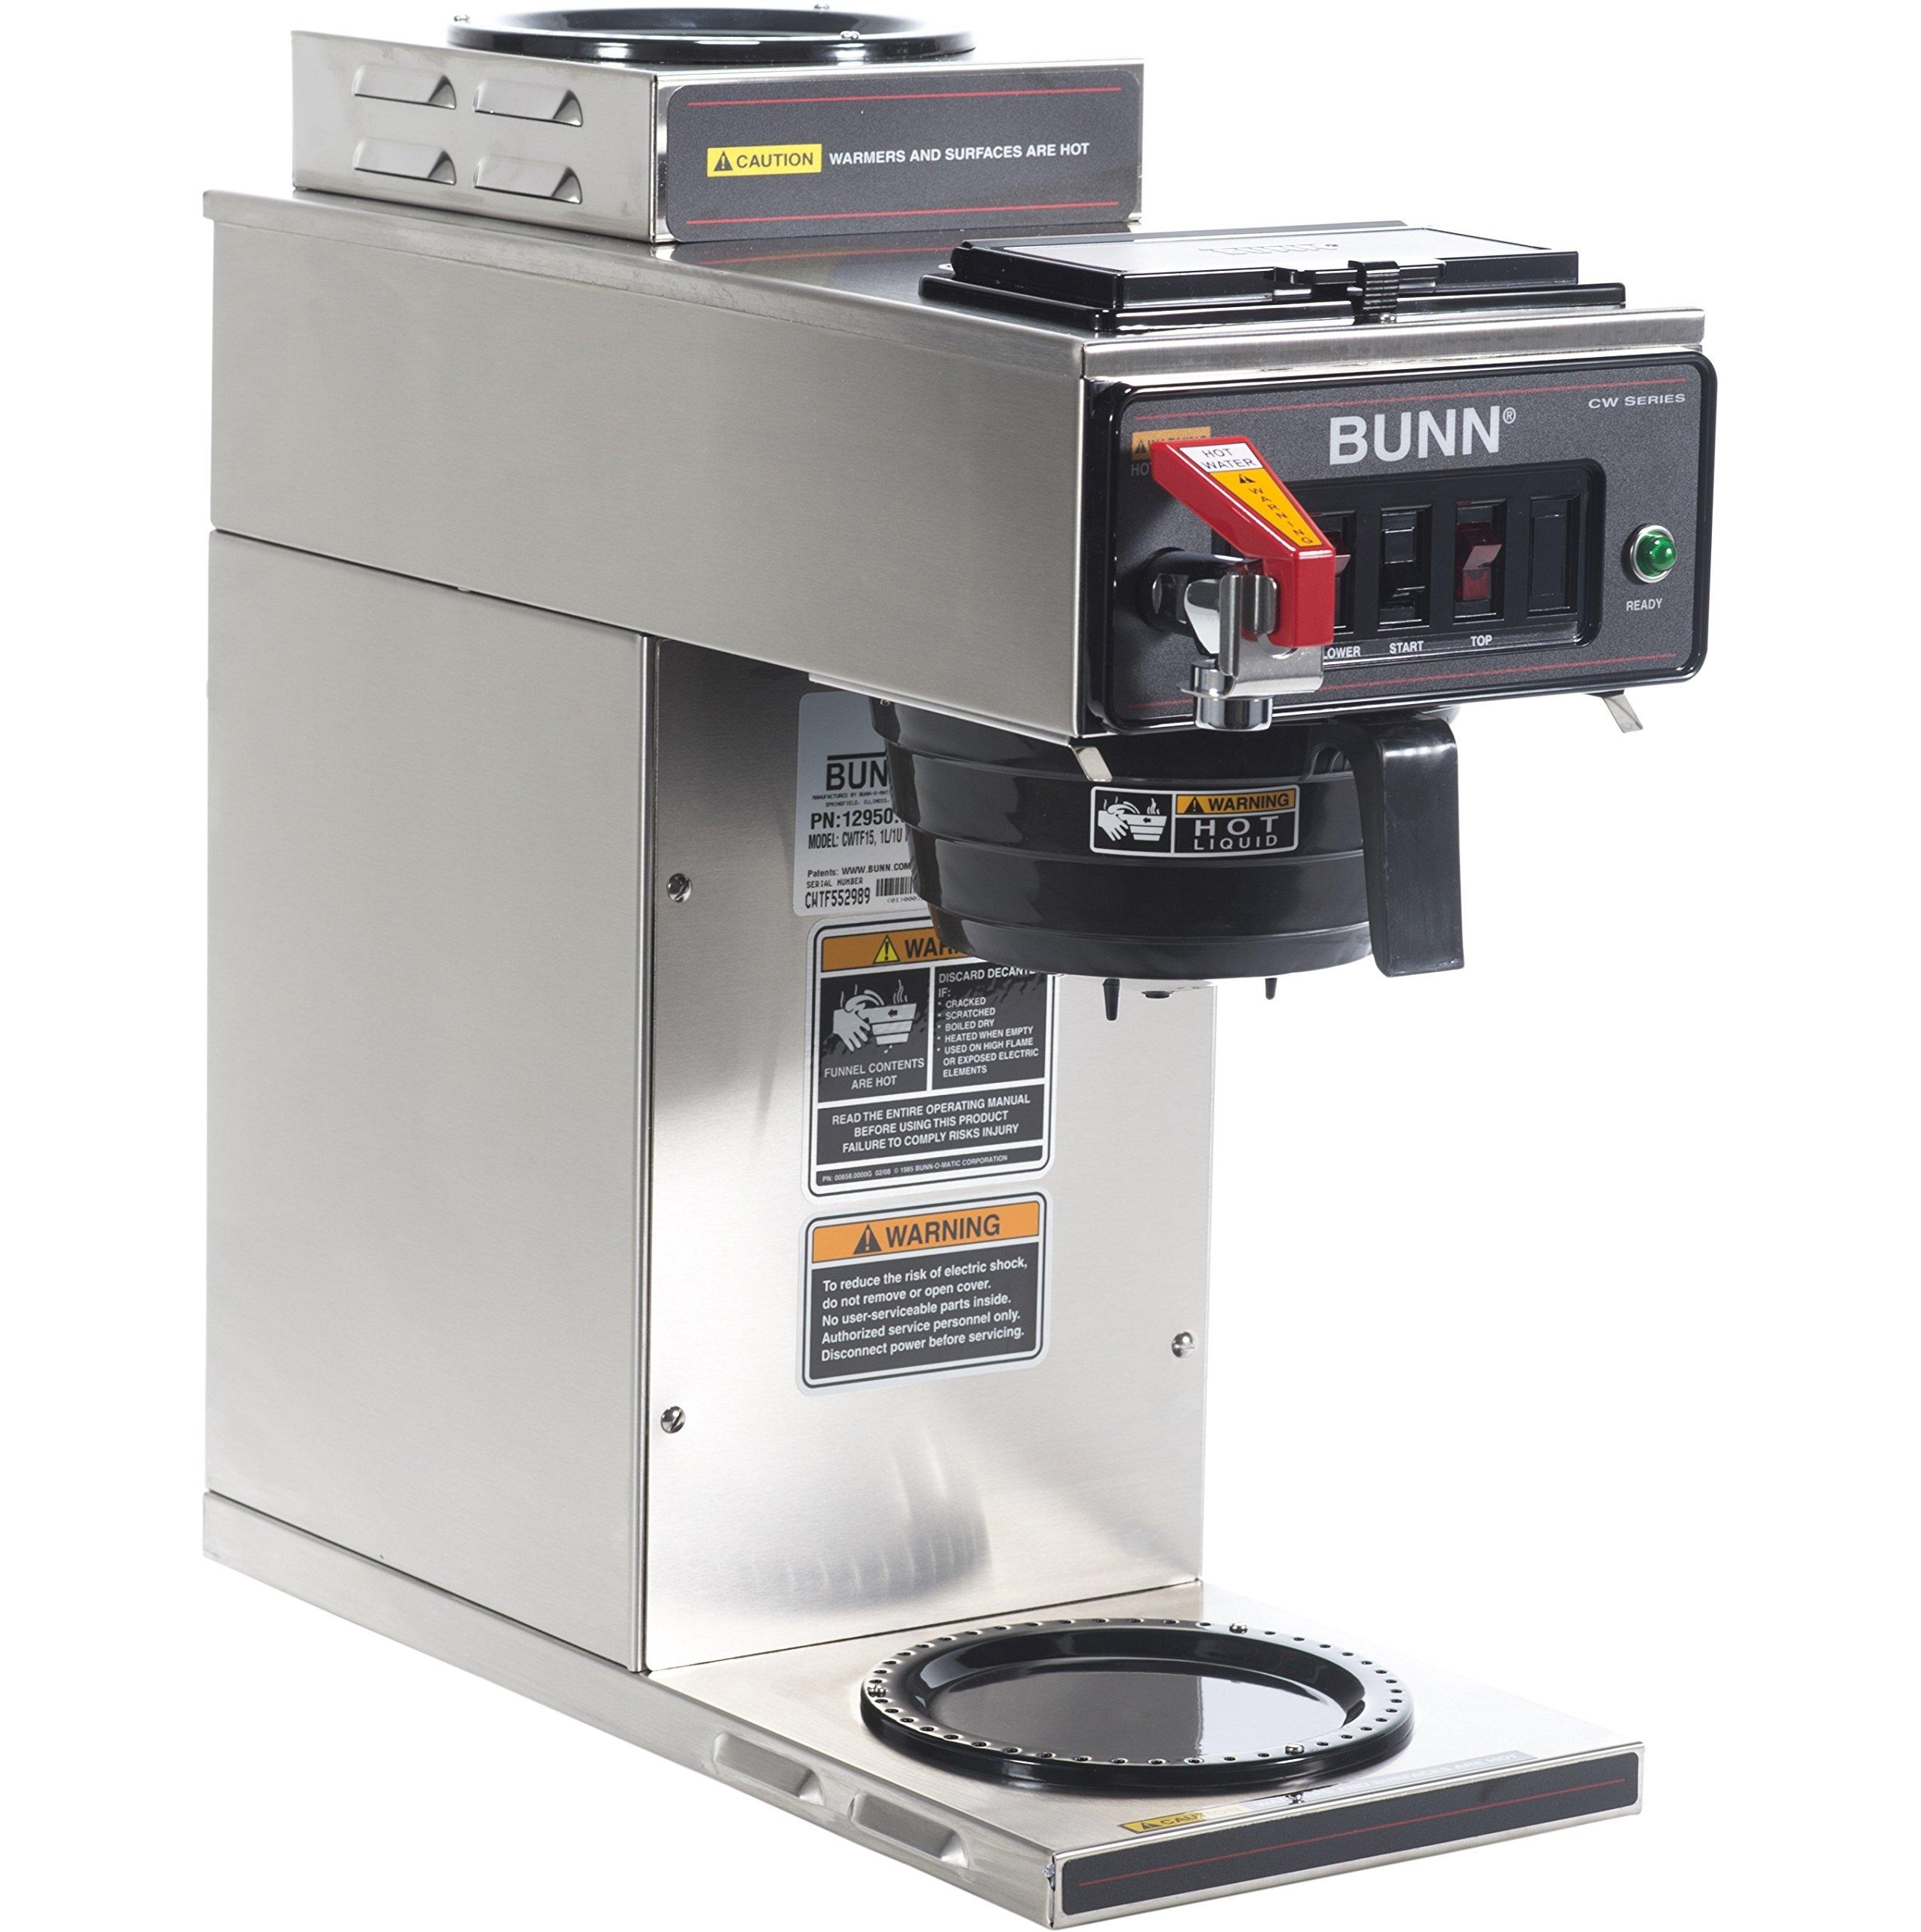 BUNN 12950.0211 CWTF-2 Automatic Commercial